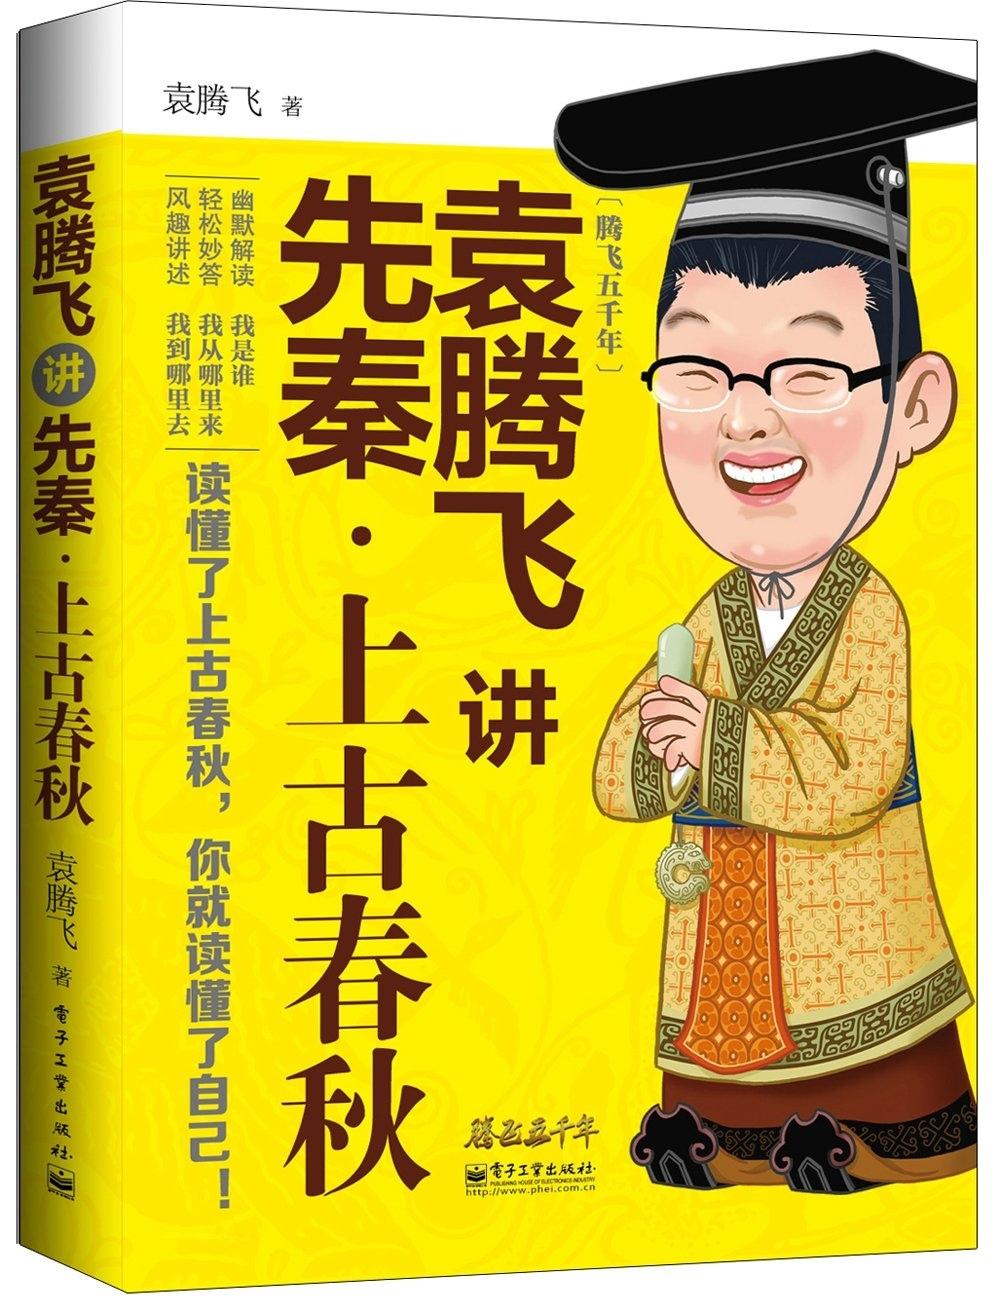 袁騰飛講先秦:上古春秋